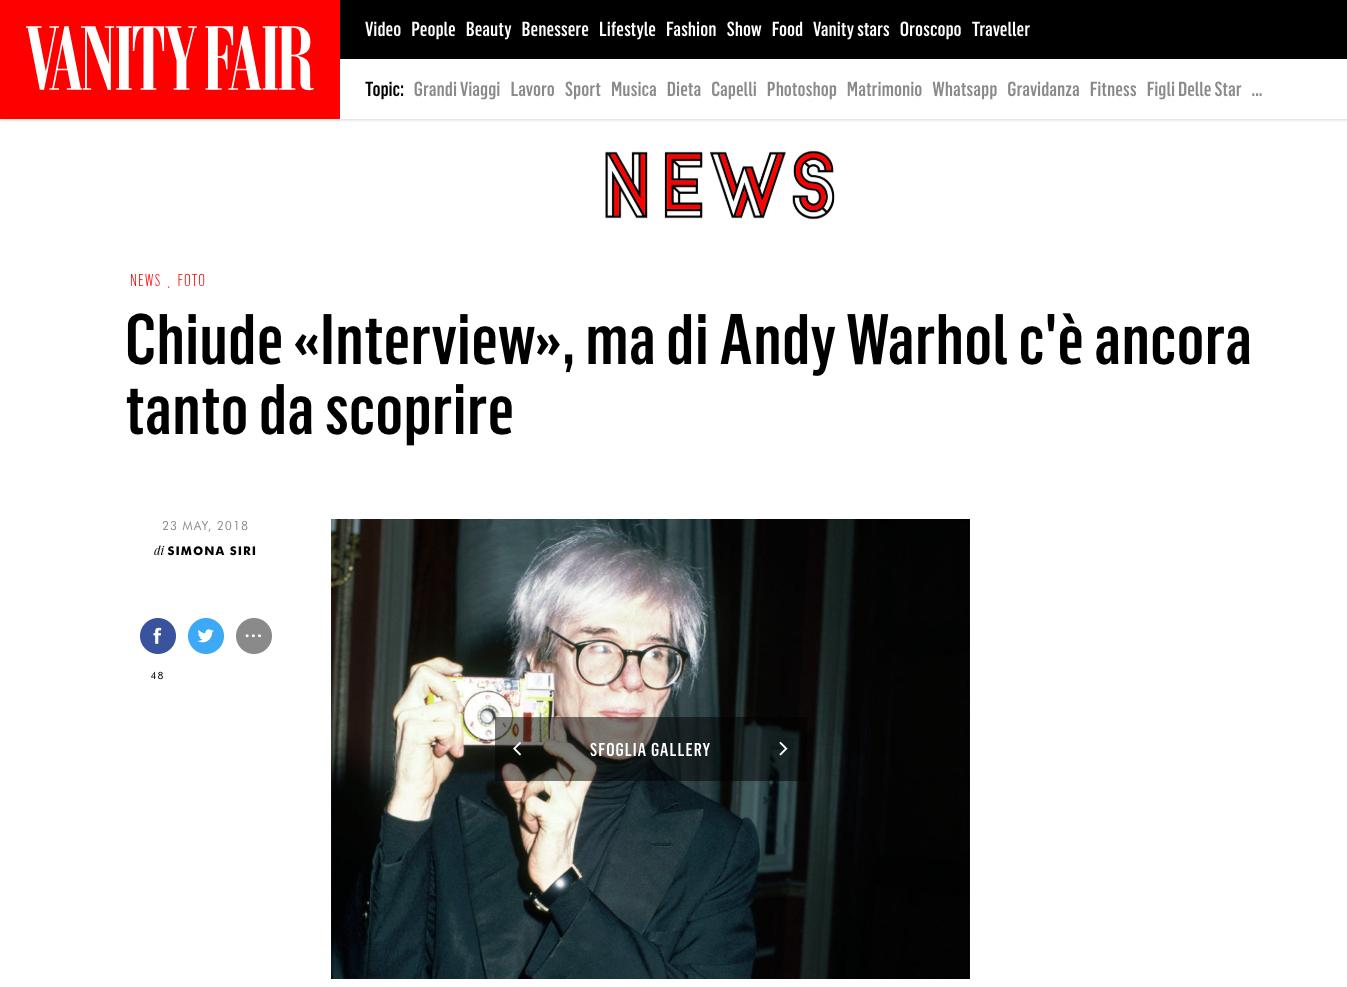 Andy-Warhol-vanity-fair.jpg